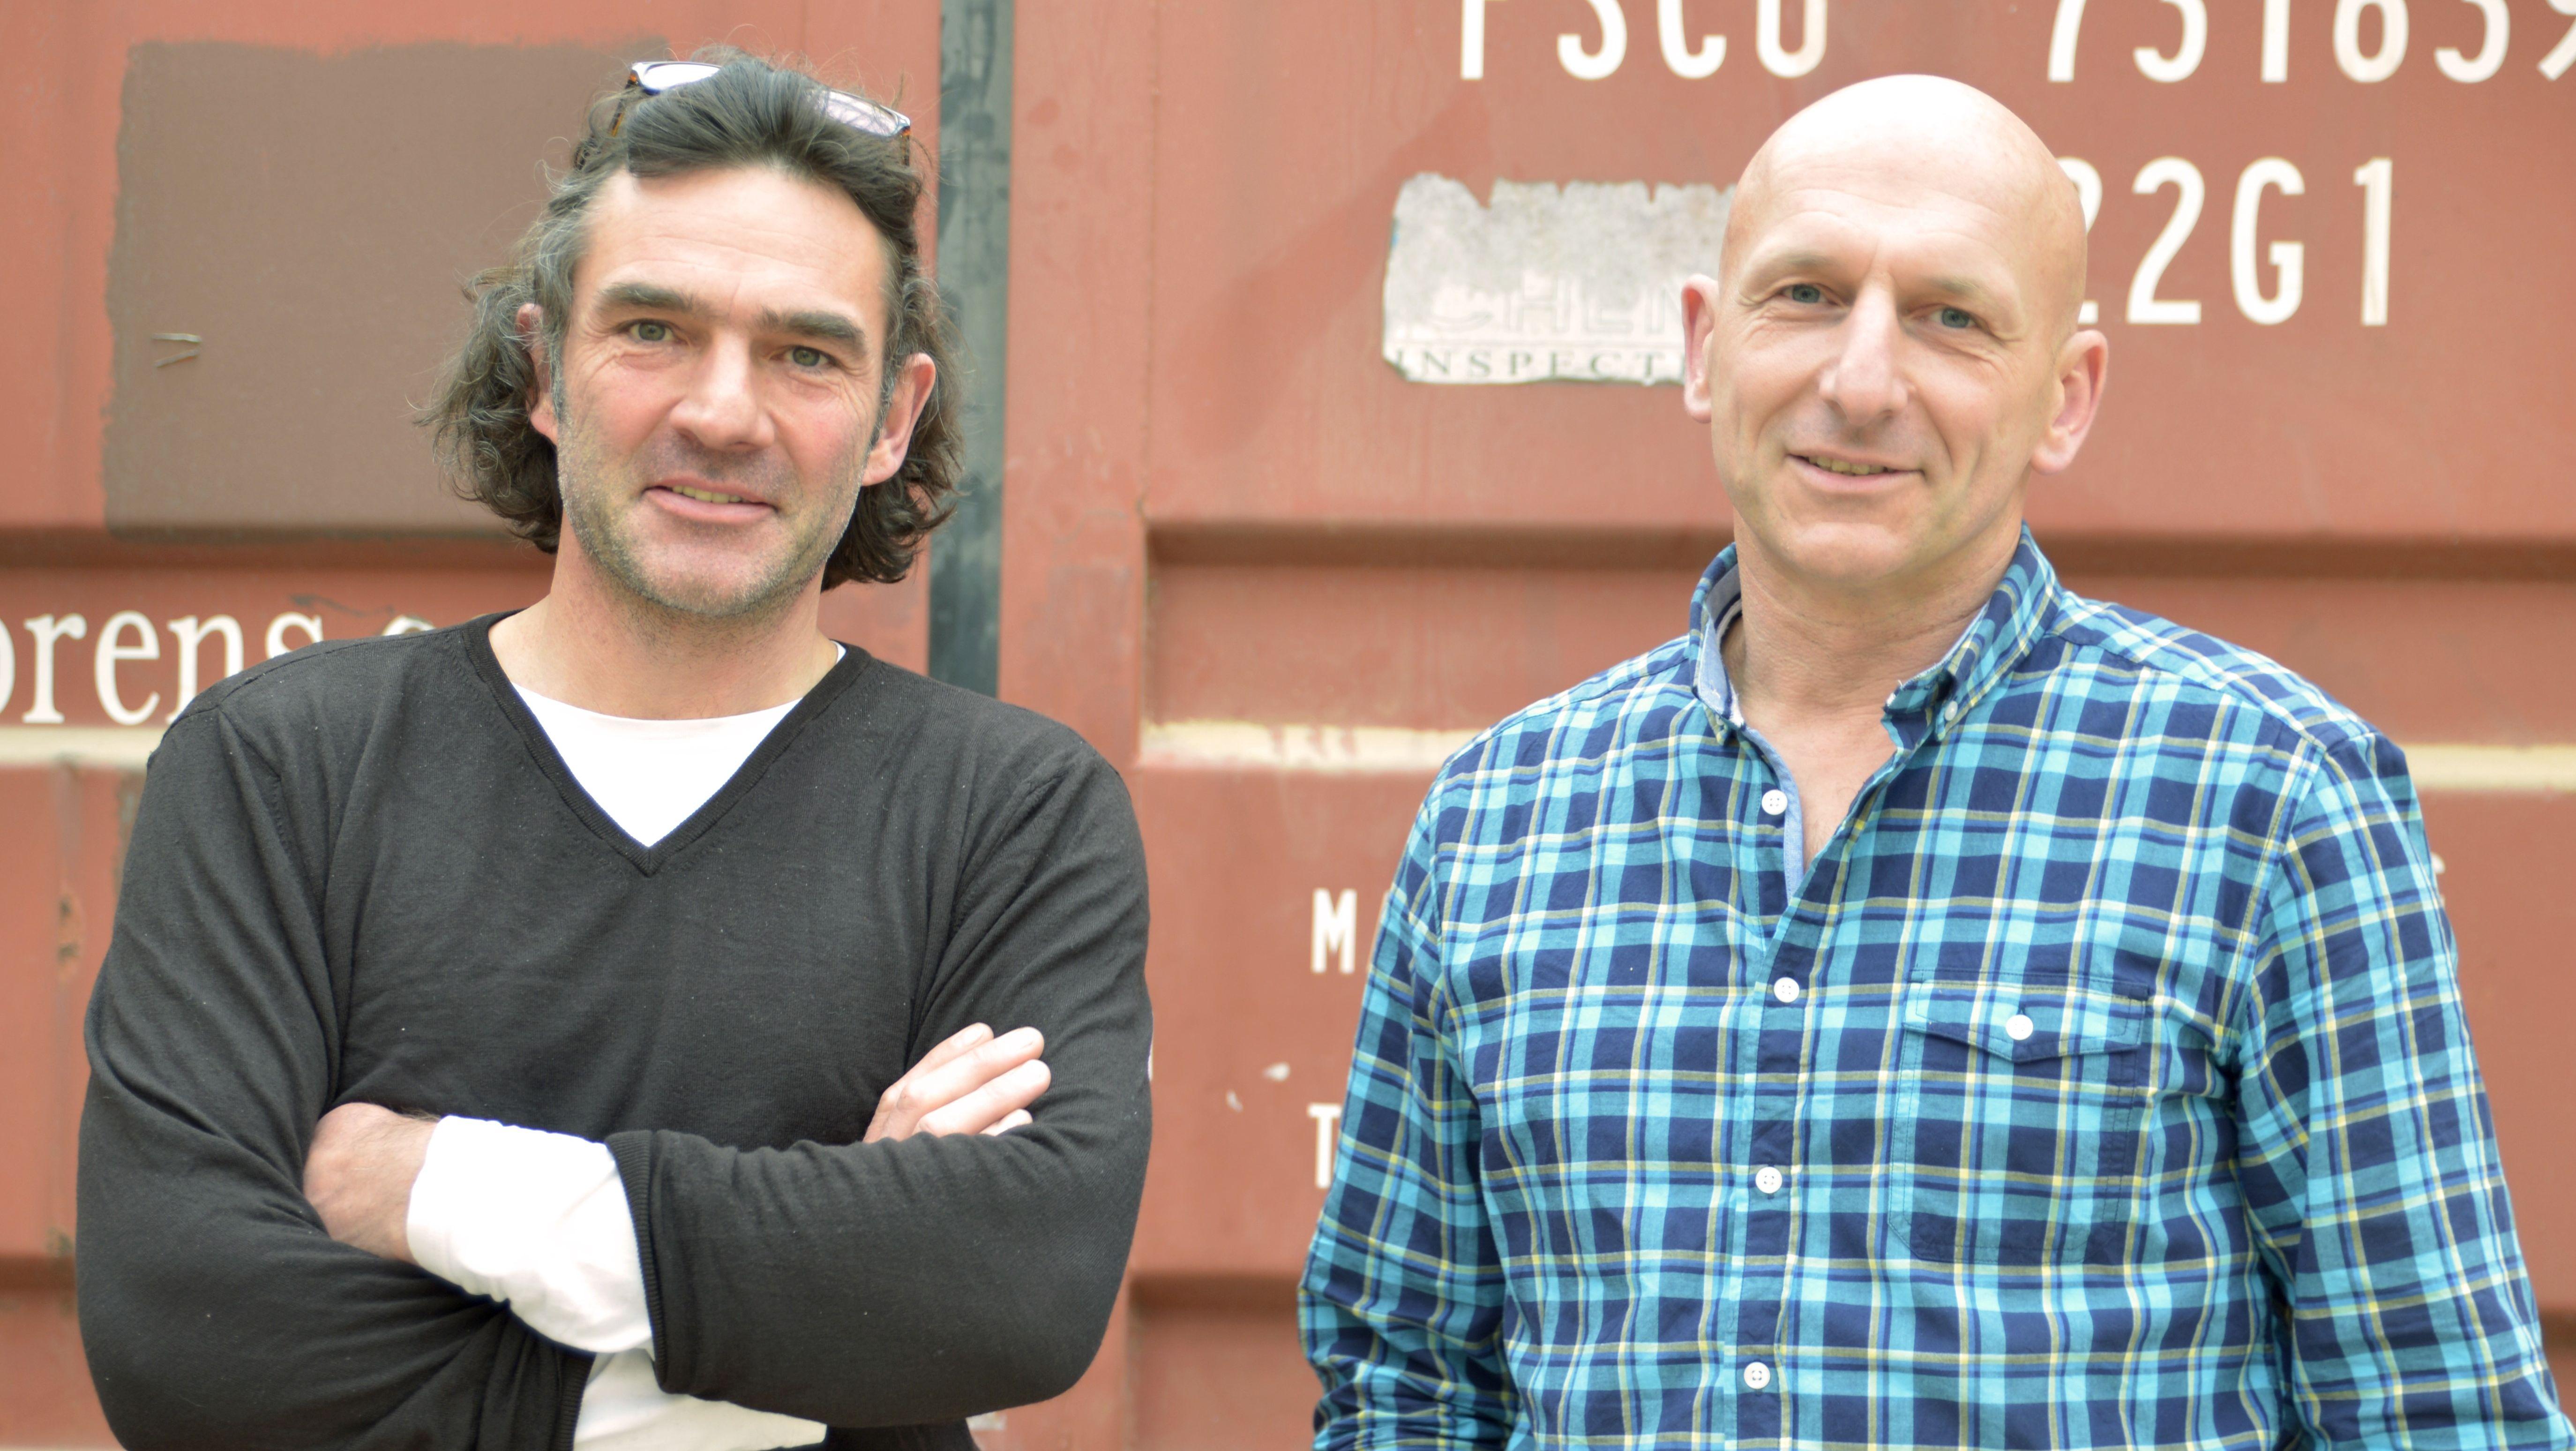 Das Künstlerduo Empfangshalle: Corbinian Böhm (links) und Michael Gruber